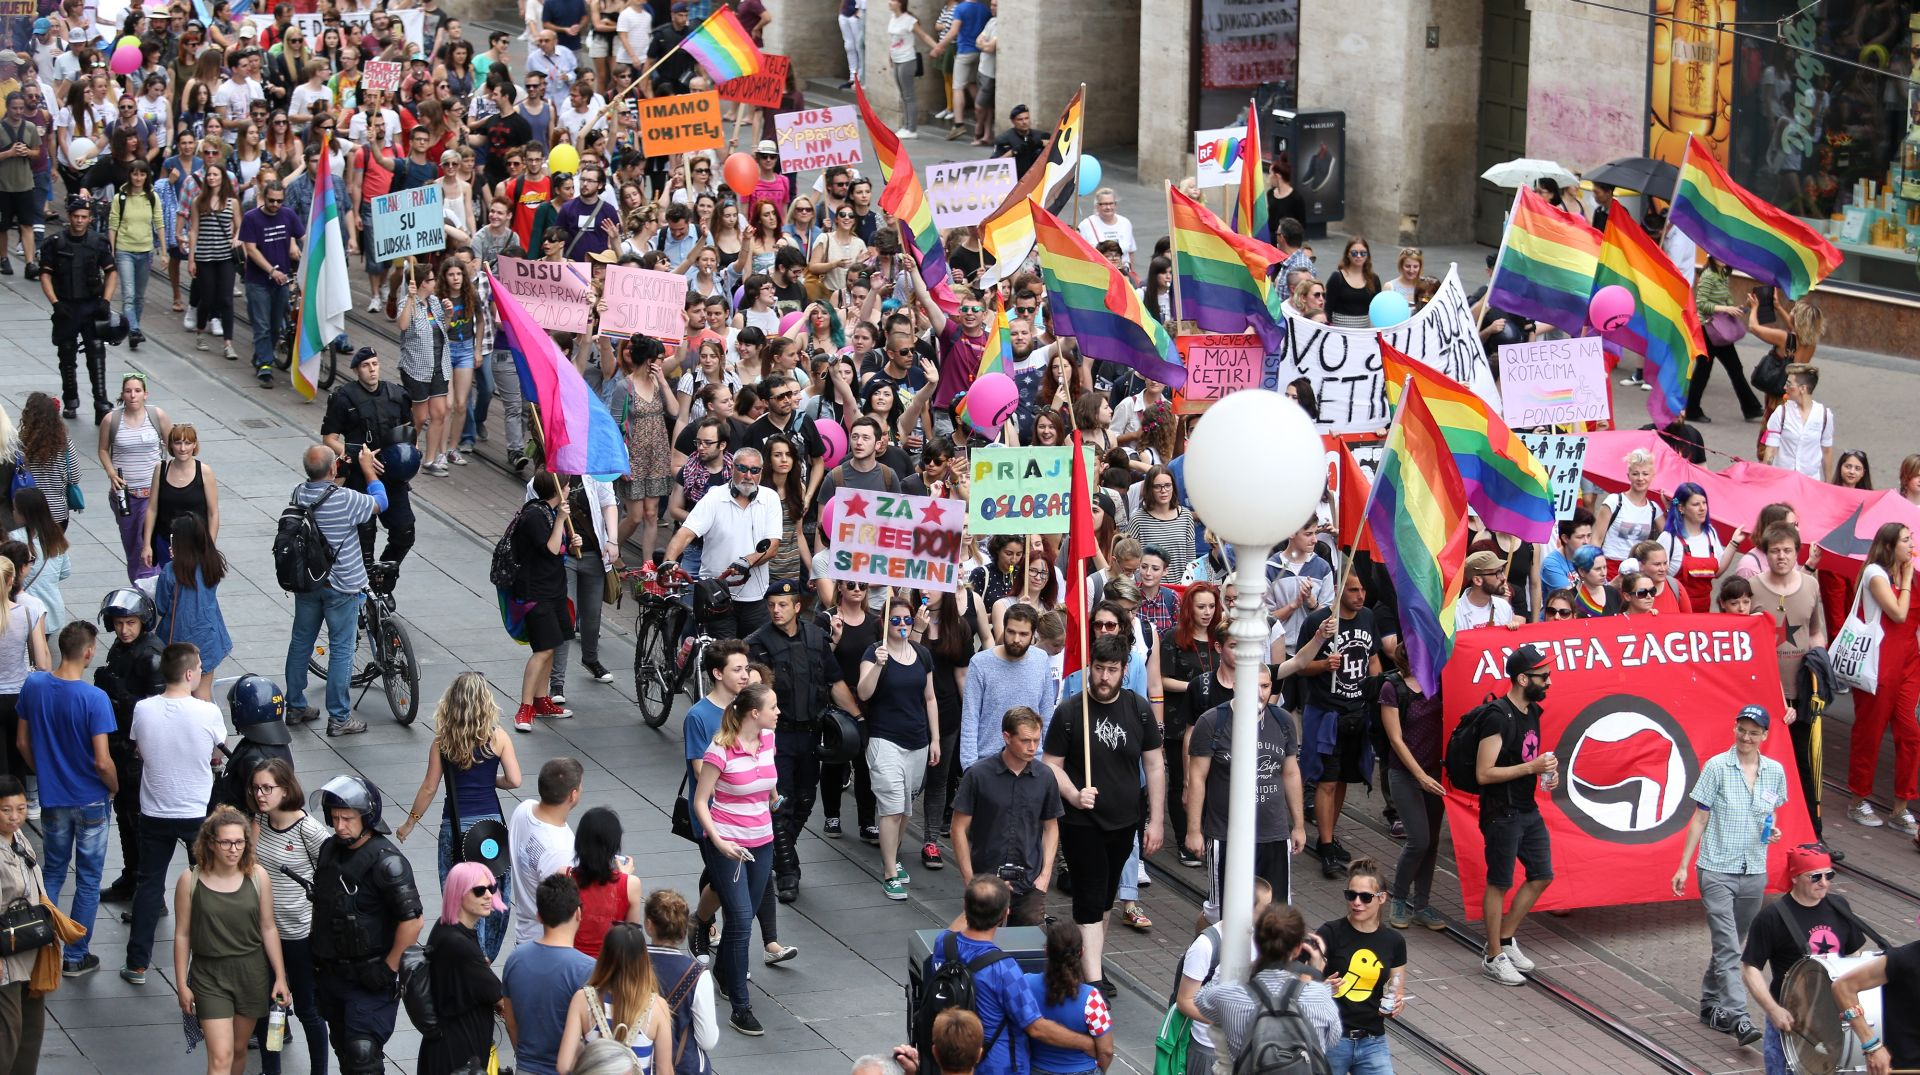 Ministarstvo kulture po prvi puta neće financijski pomoći gay paradi